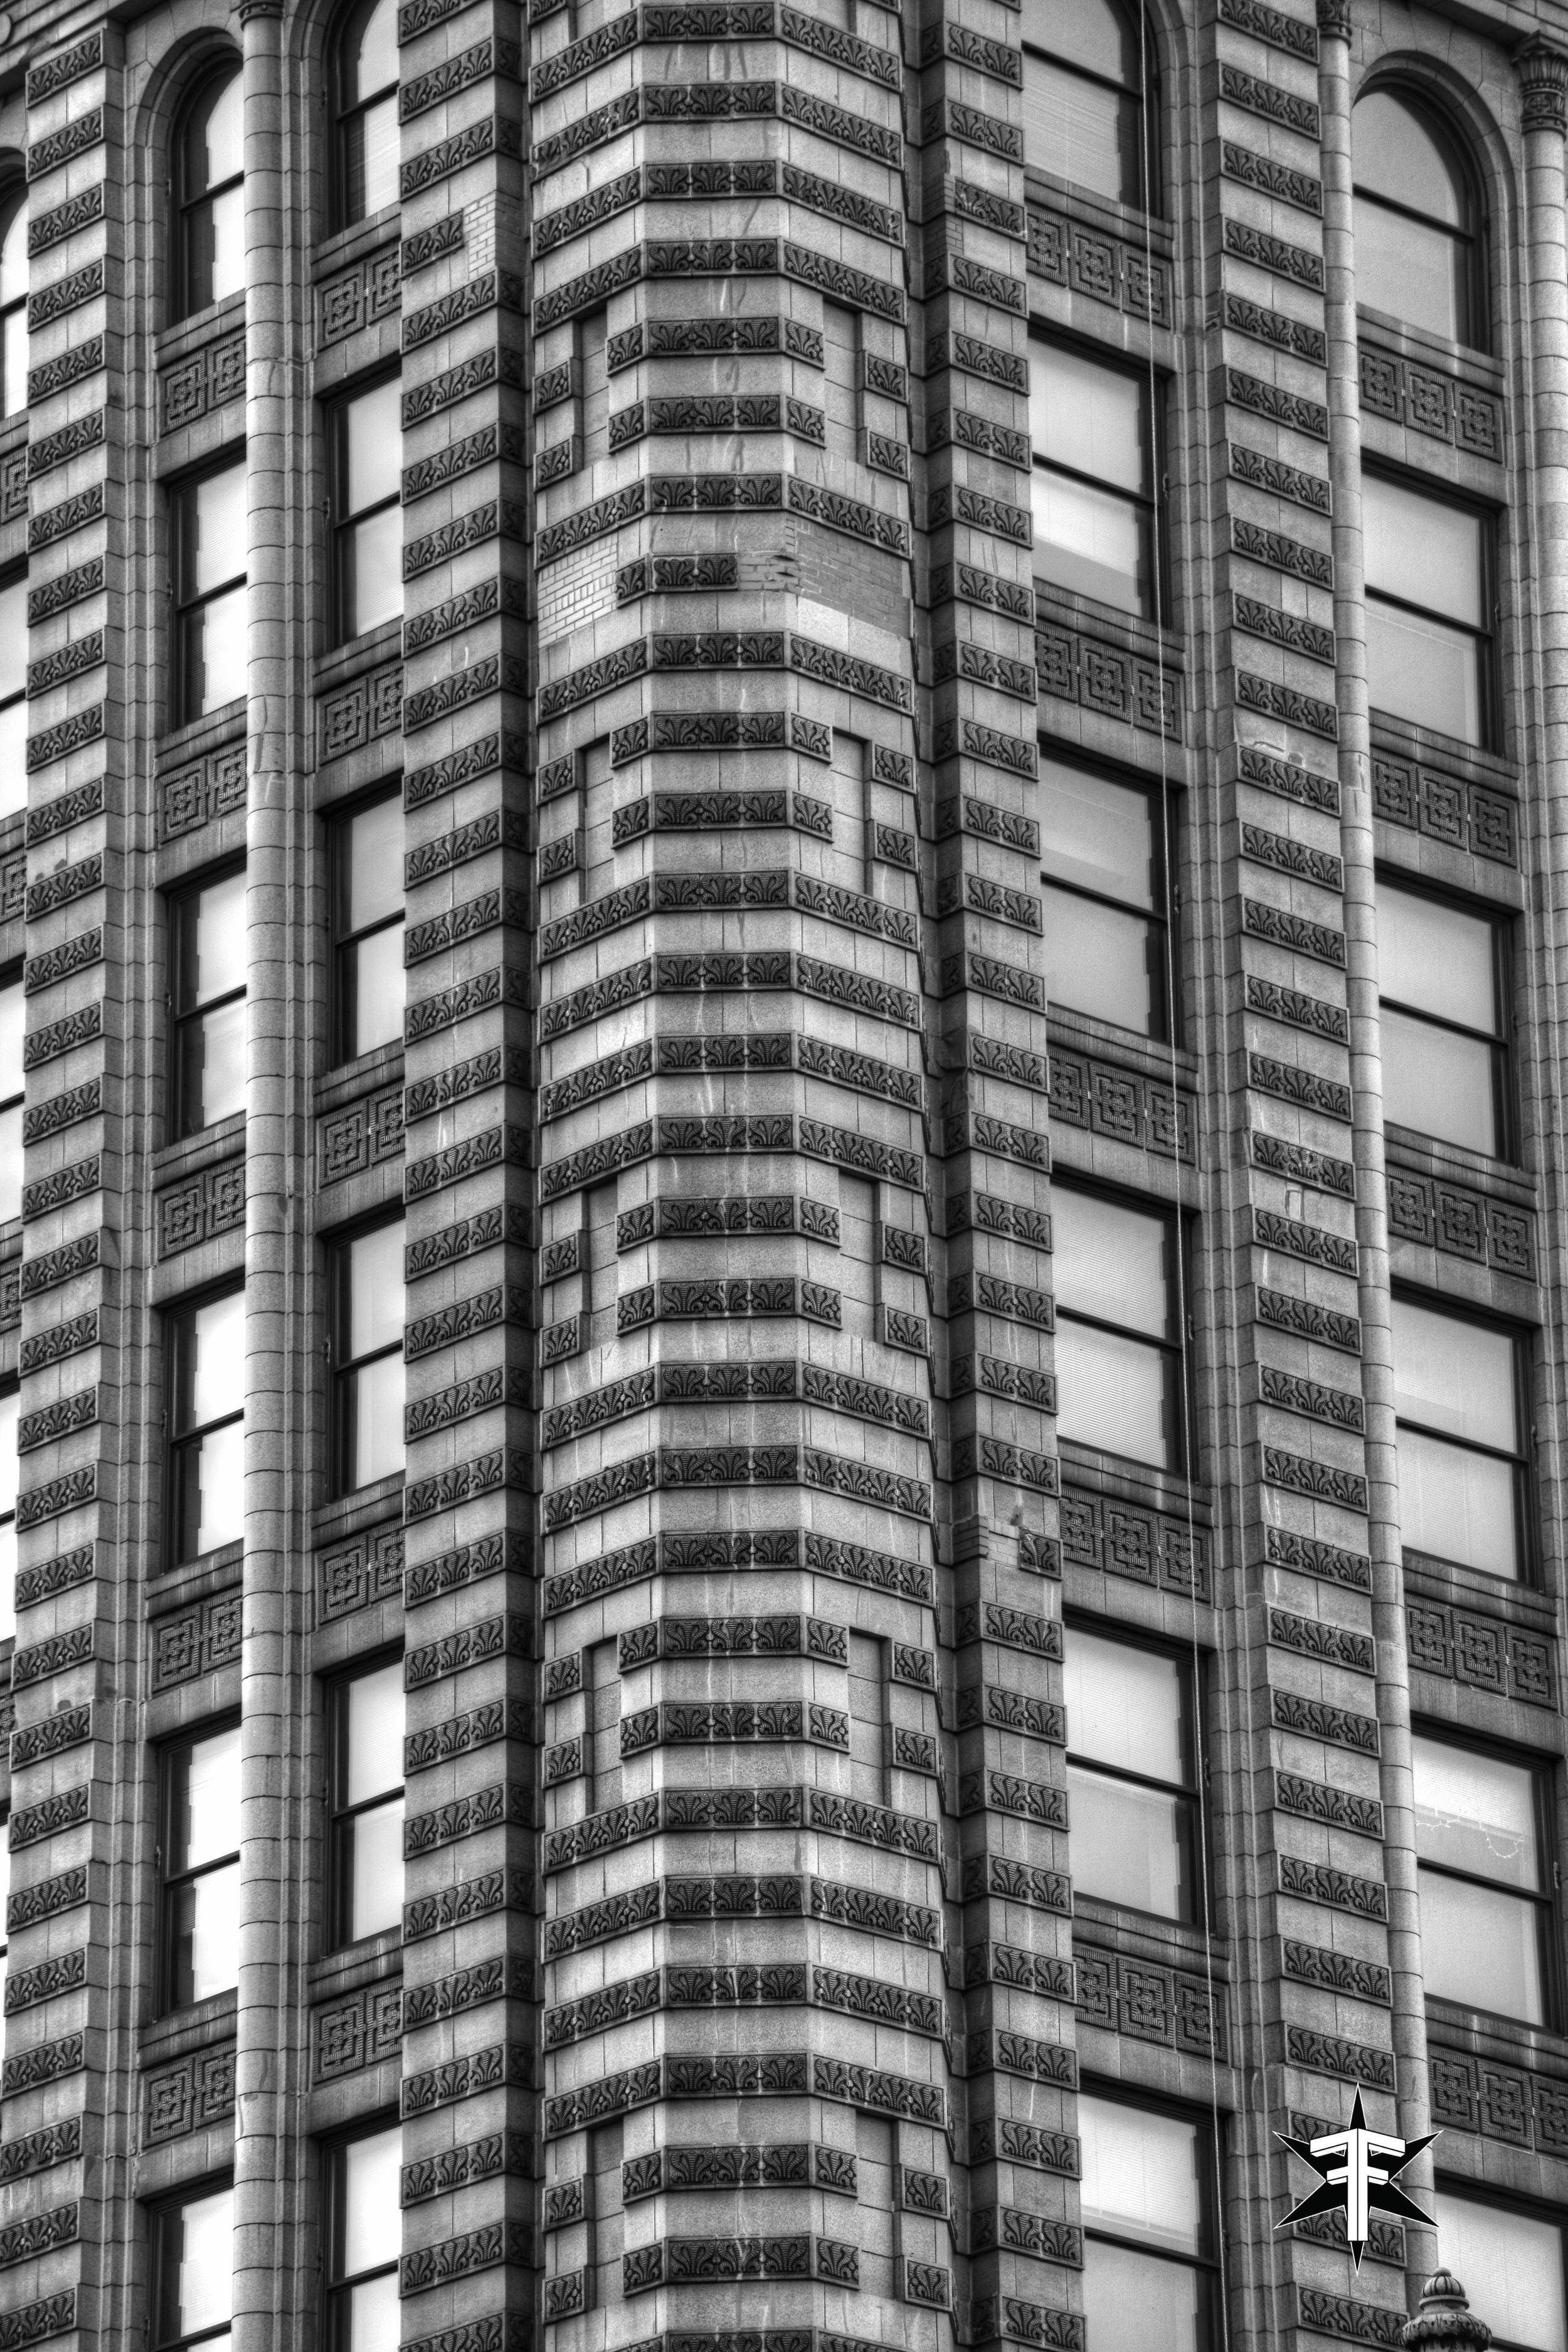 chicago architecture eric formato photography design arquitectura architettura buildings skyscraper skyscrapers-112.jpg